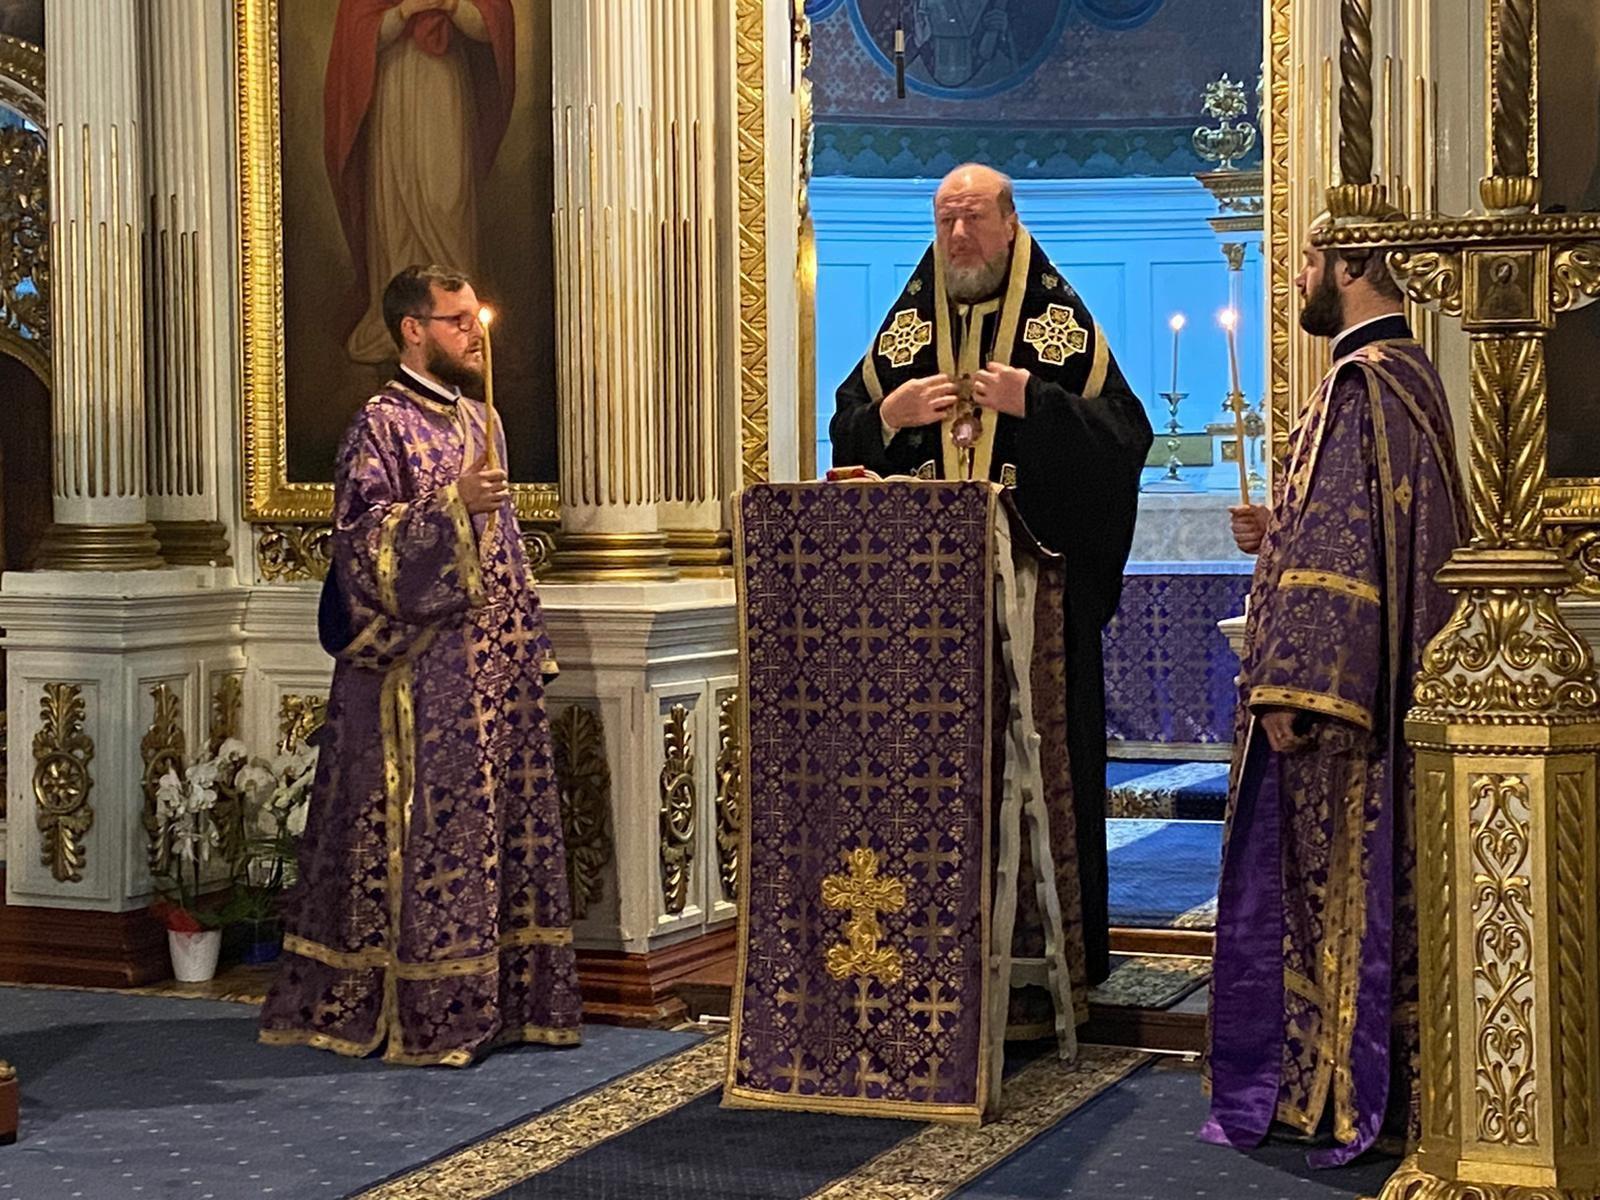 """Denia din Sfânta și Marea Miercuri, la Catedrala Veche. """"Să nu-L trădăm pe Hristos prin păcatele și necredința noastră!"""" - PS Emilian Crișanul"""